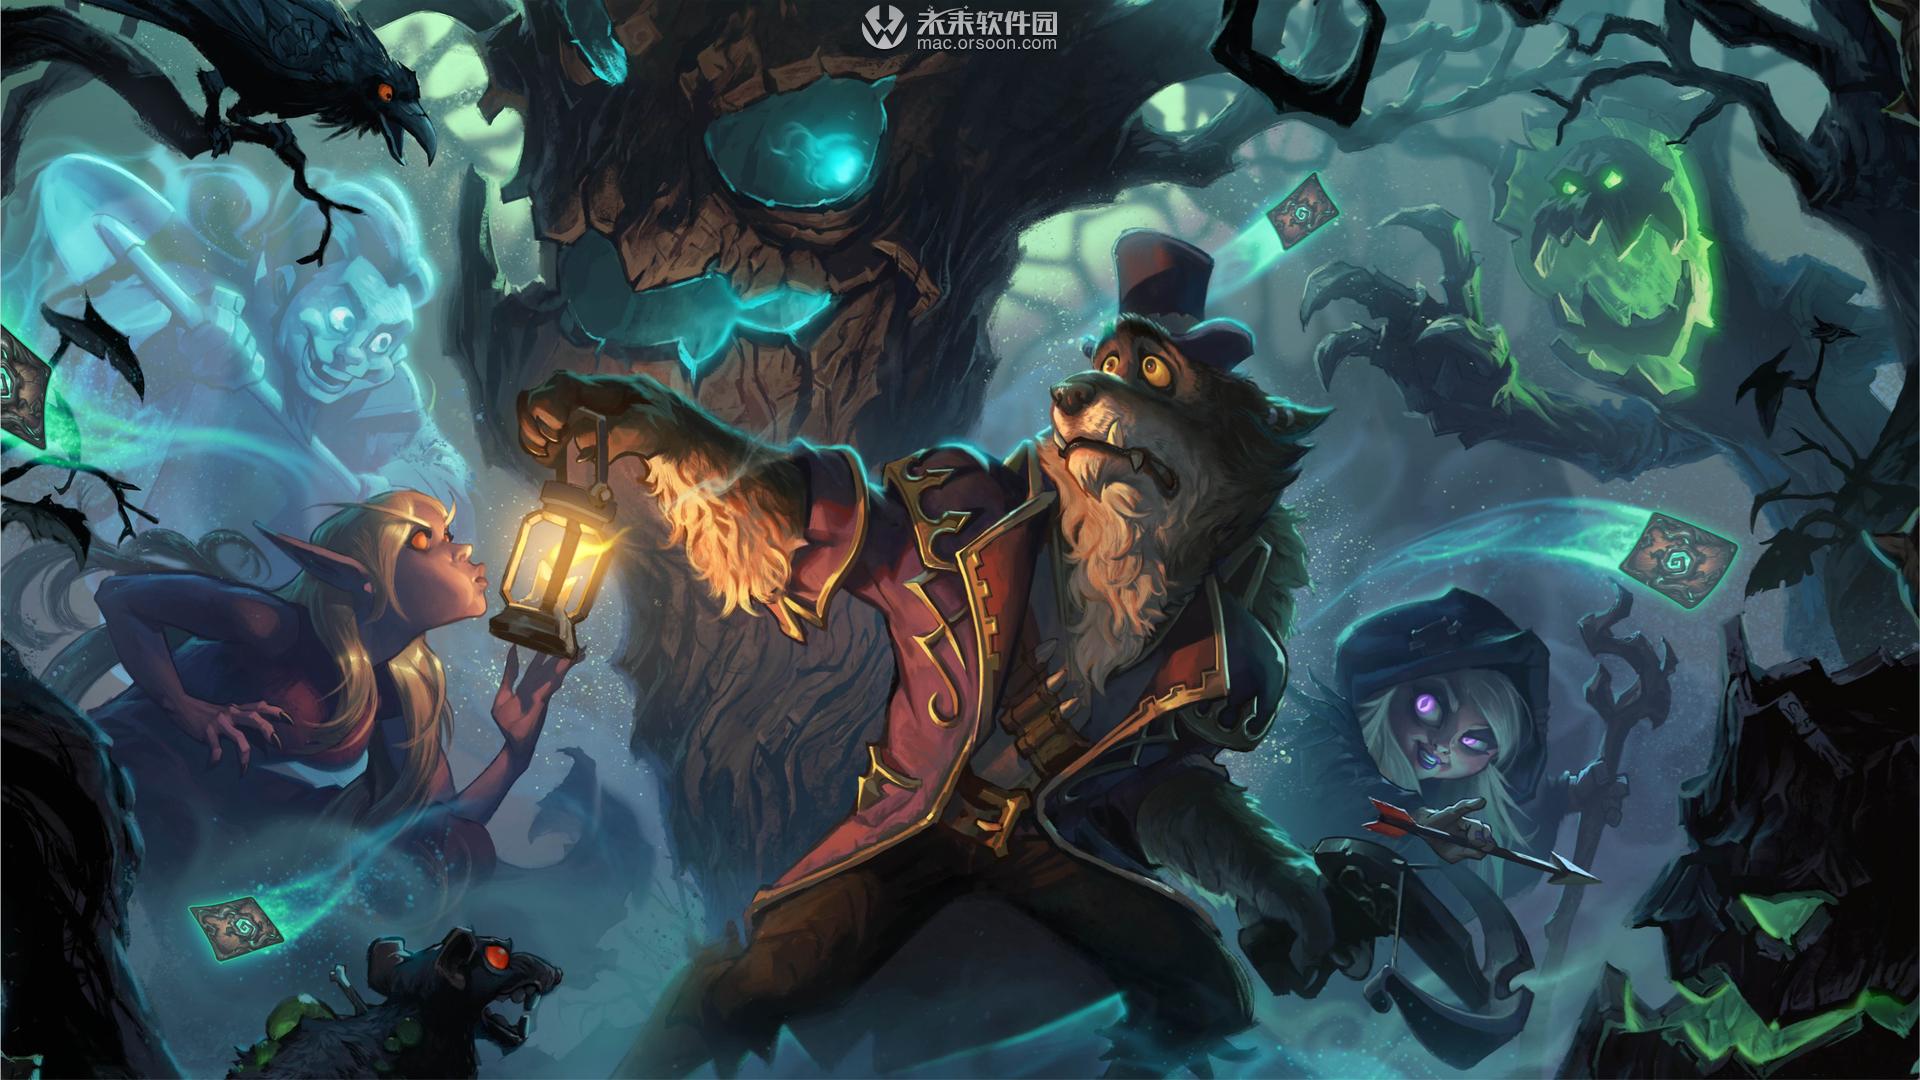 炉石传说女巫森林游戏Mac动态壁纸